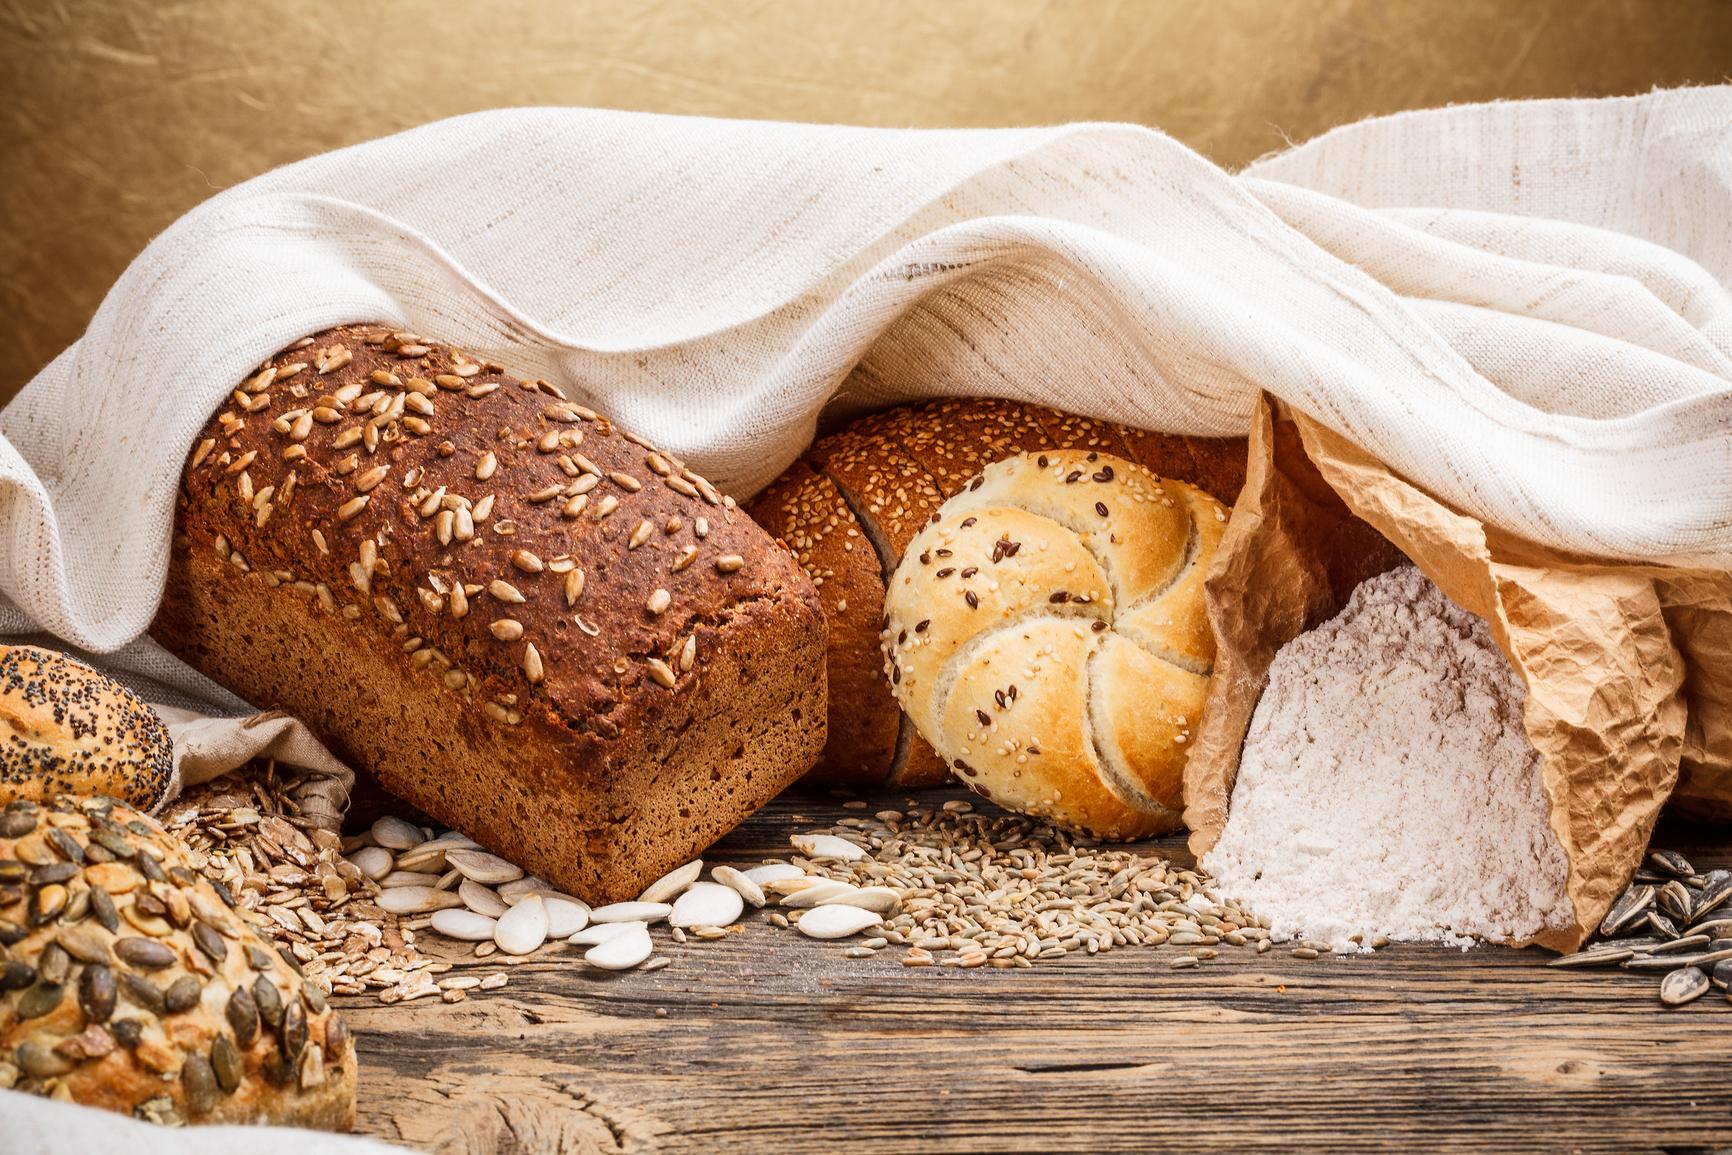 Хлеб. Полезен ли хлеб Вред и польза хлеба. Какой хлеб есть. Как правильно выбирать и есть хлеб